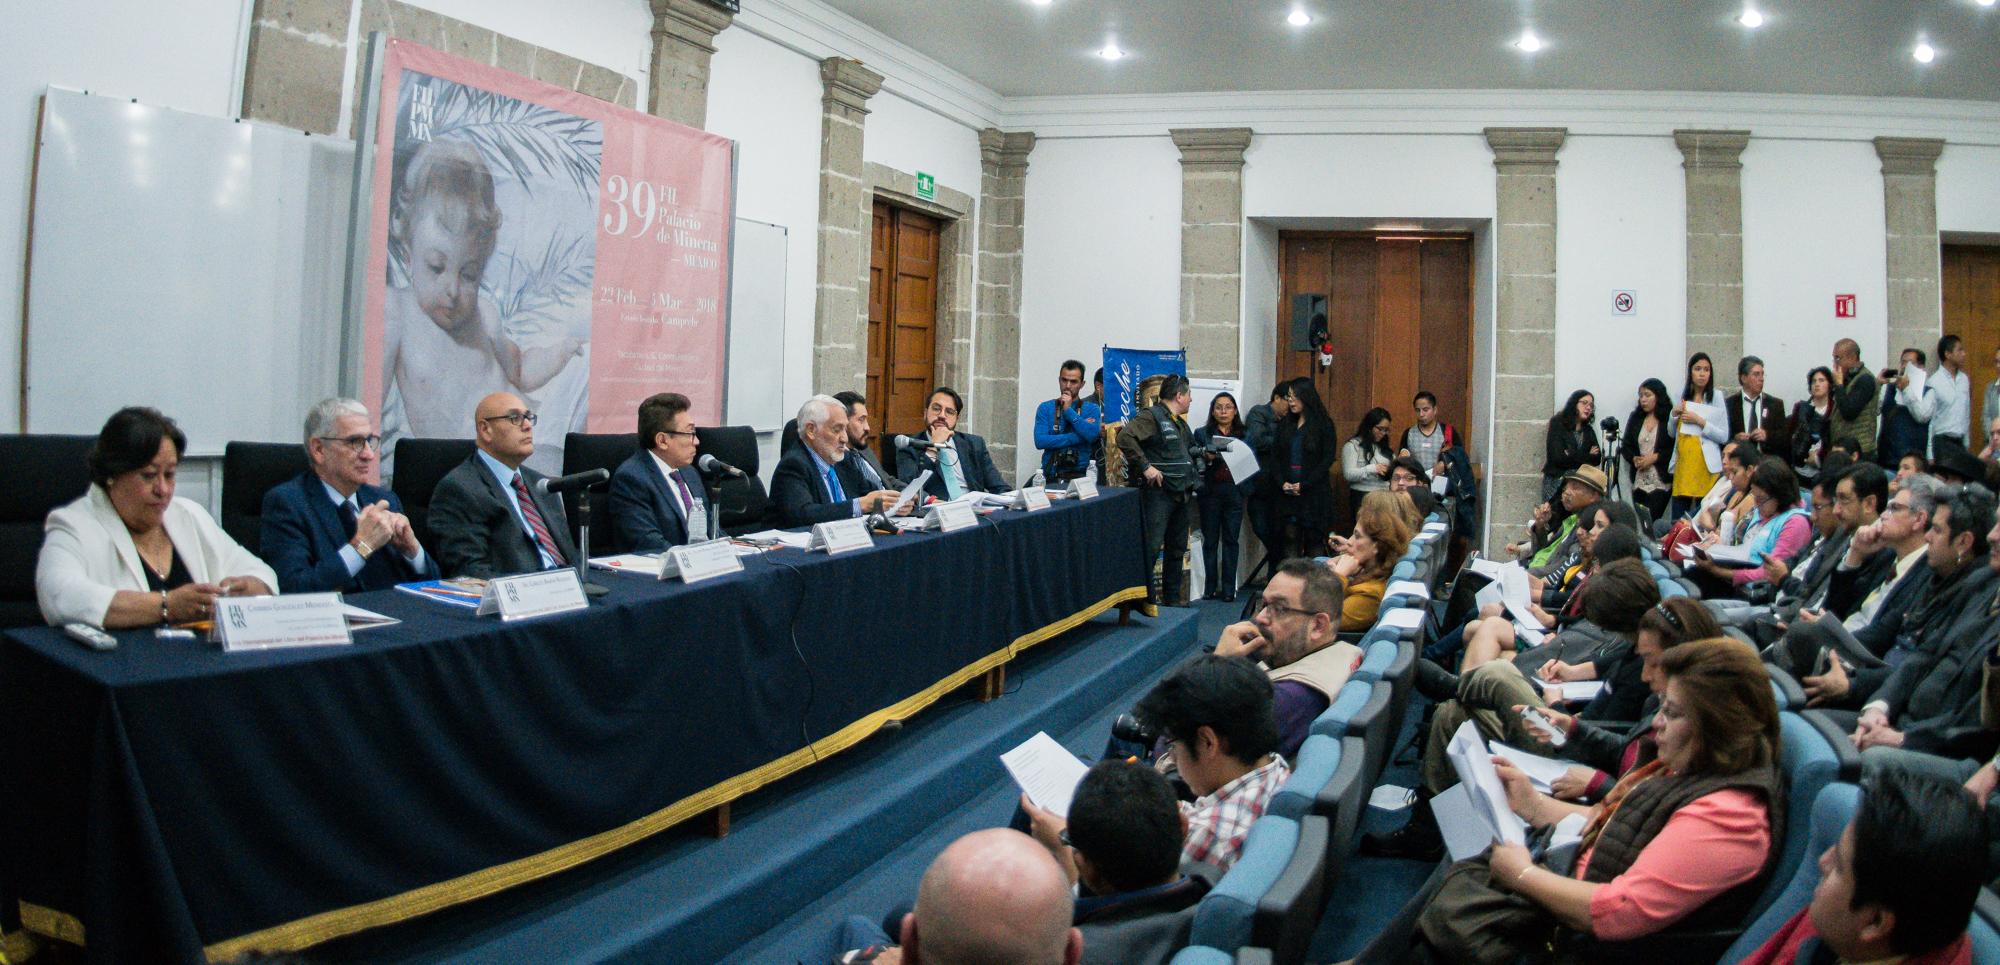 113 ACTIVIDADES DIARIAS EN LA FERIA INTERNACIONAL DEL LIBRO DEL PALACIO DE MINERÍA